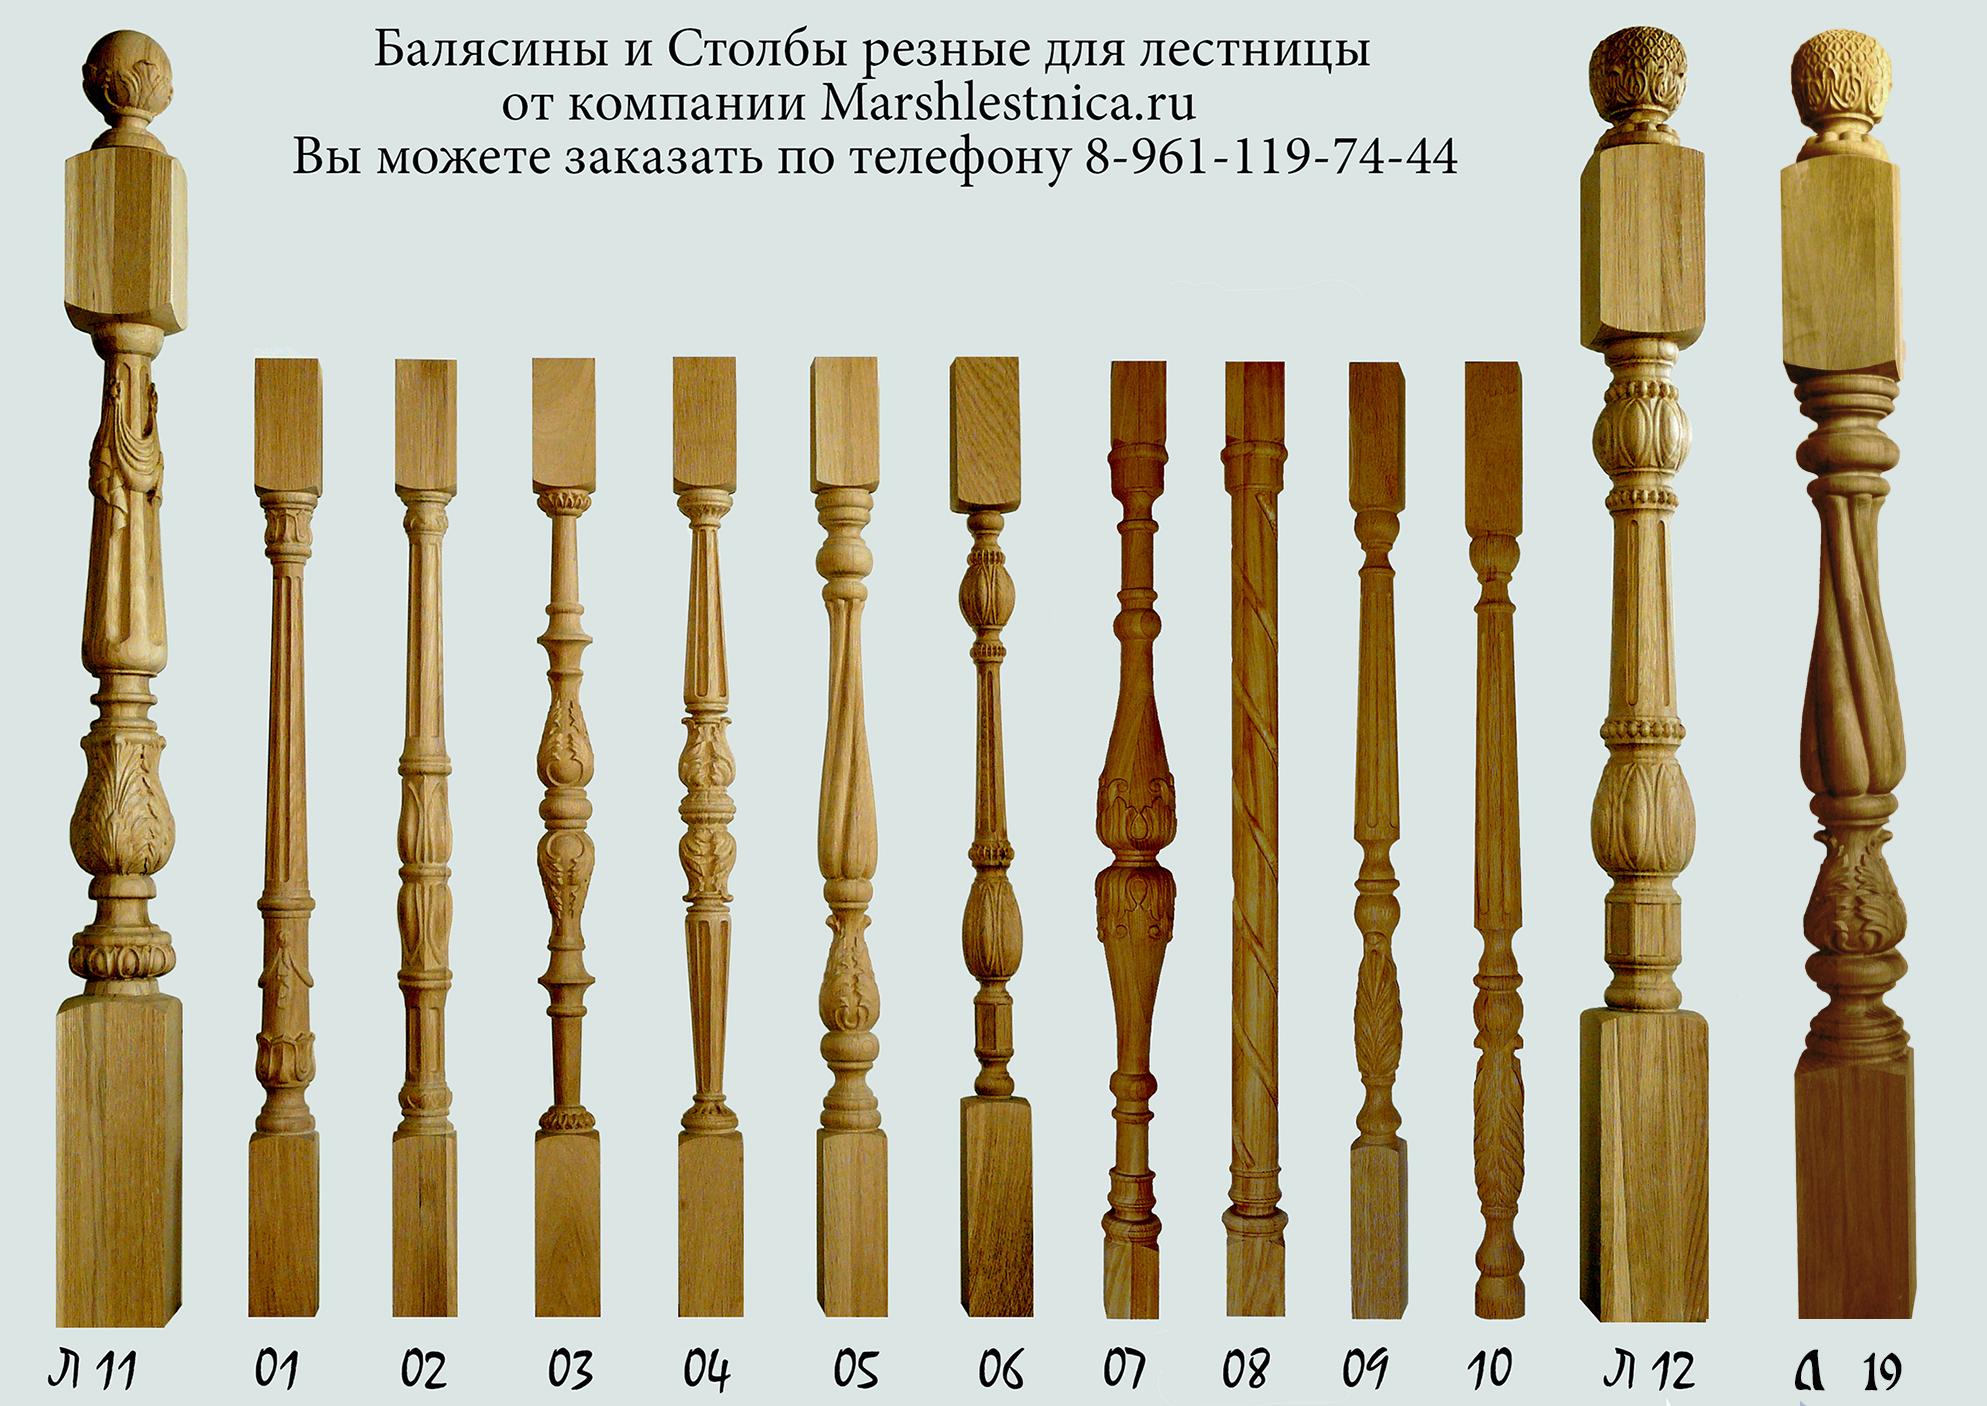 Балясины для лестниц Купить балясины из дерева:цена